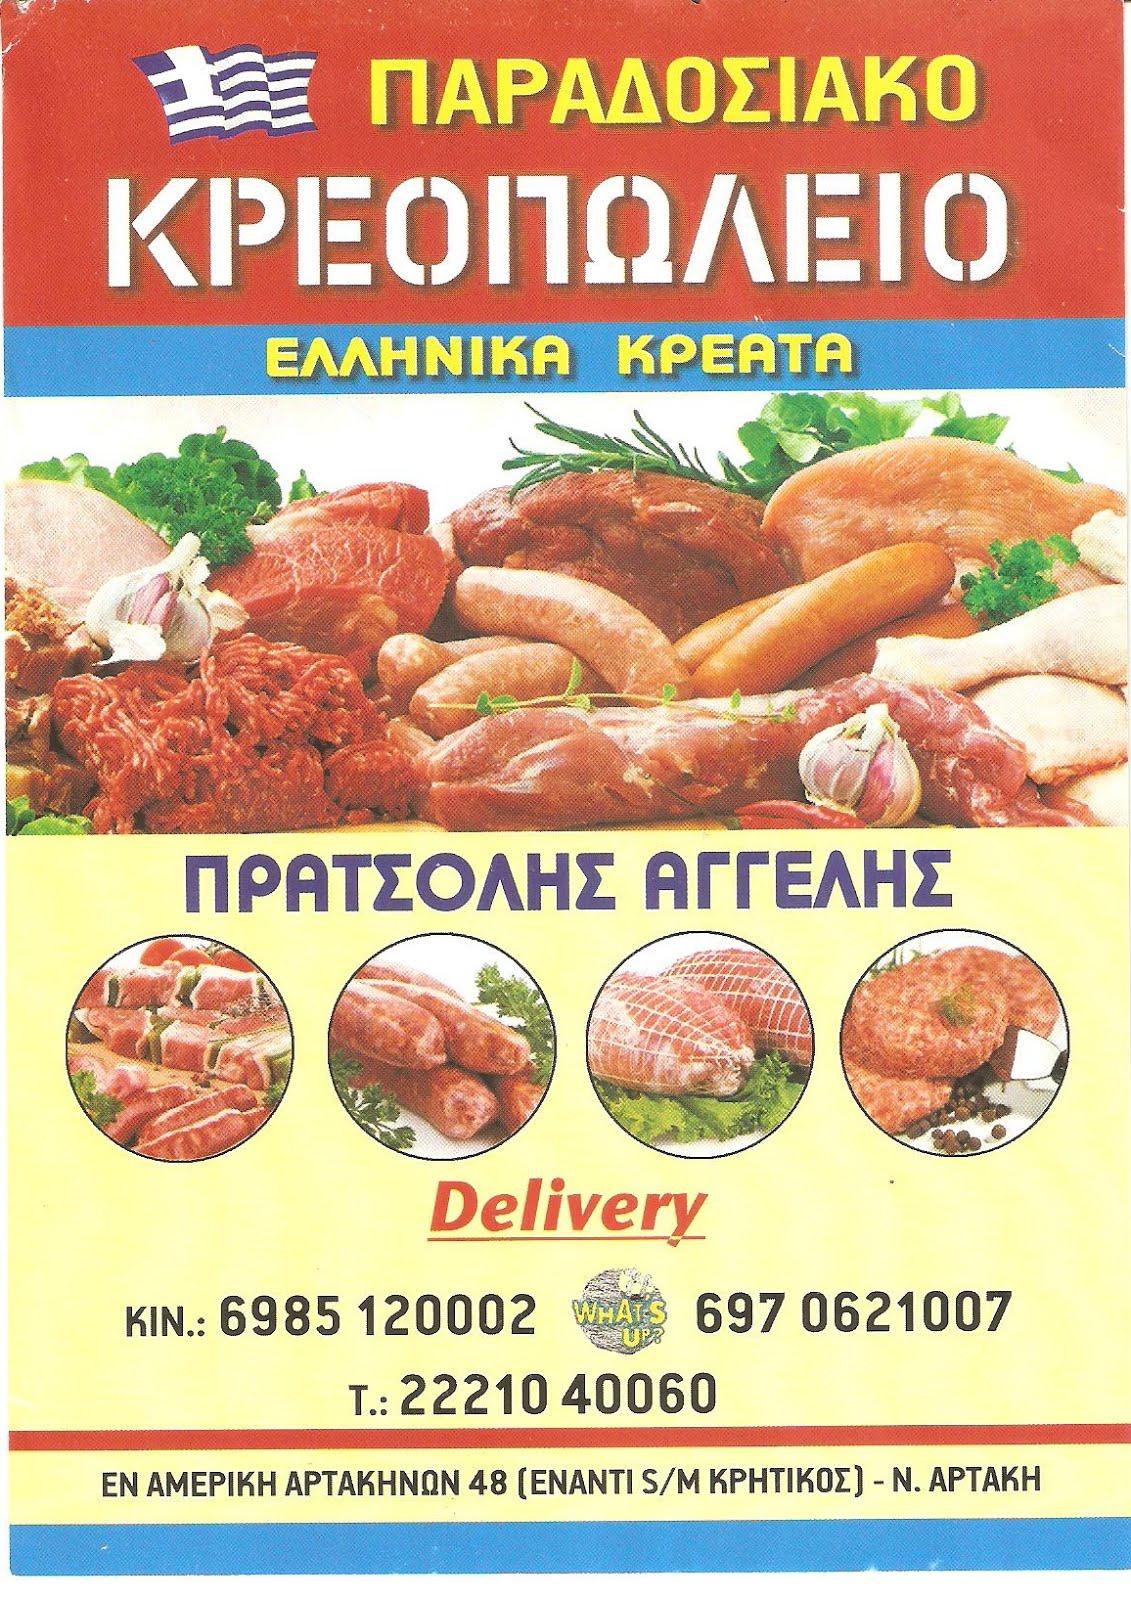 ΠΑΡΑΔΟΣΙΑΚΟ ΚΡΕΟΠΩΛΕΙΟ